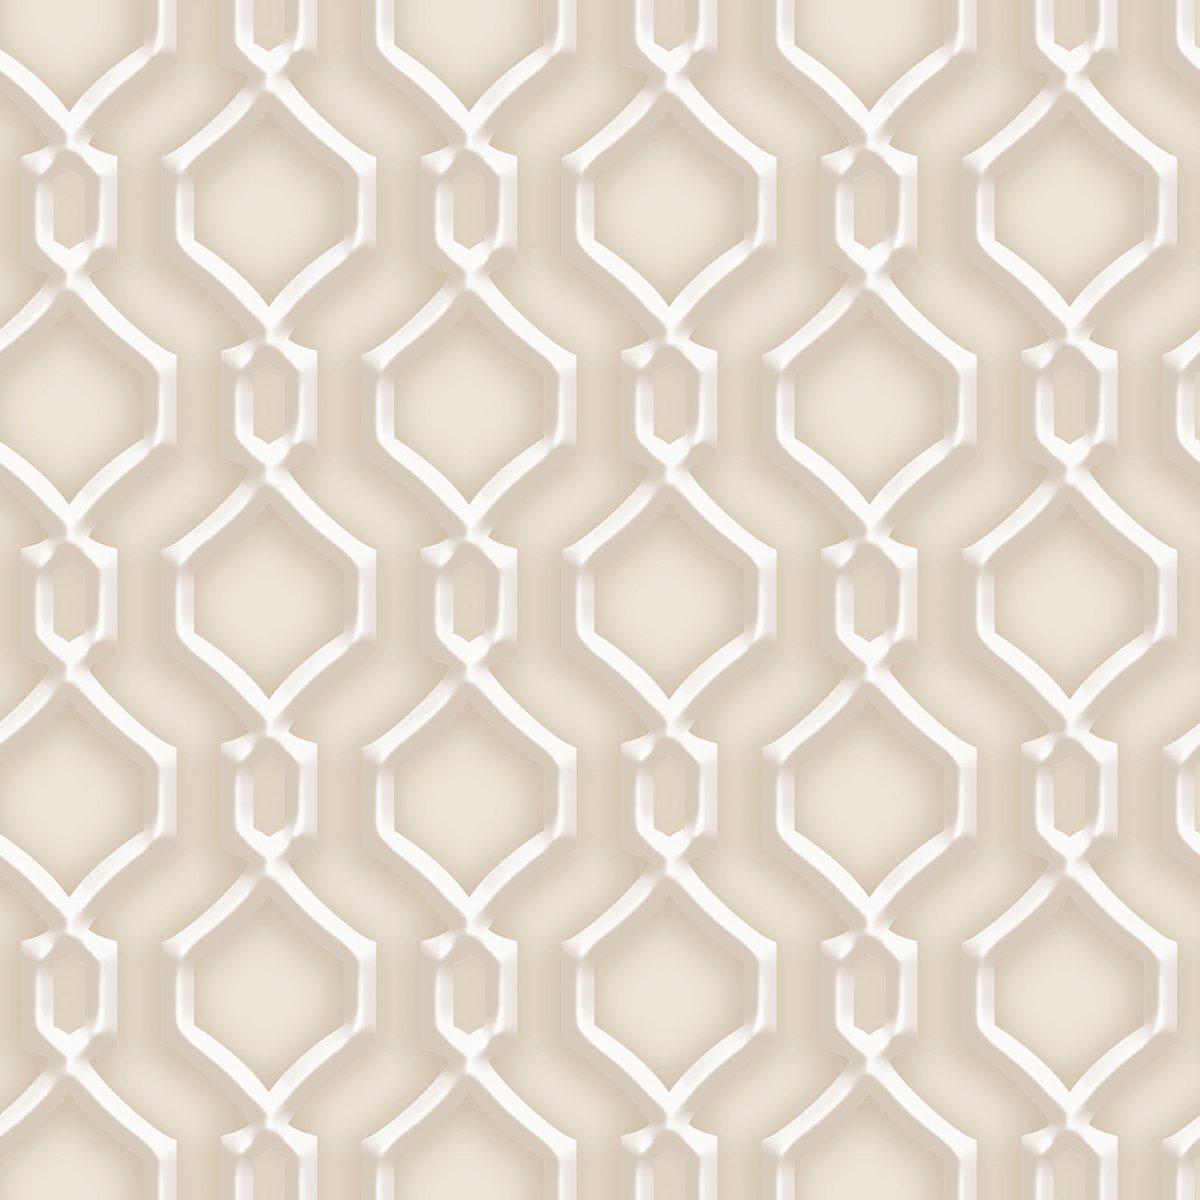 Papel de parede alhambra vinílico Dimensões